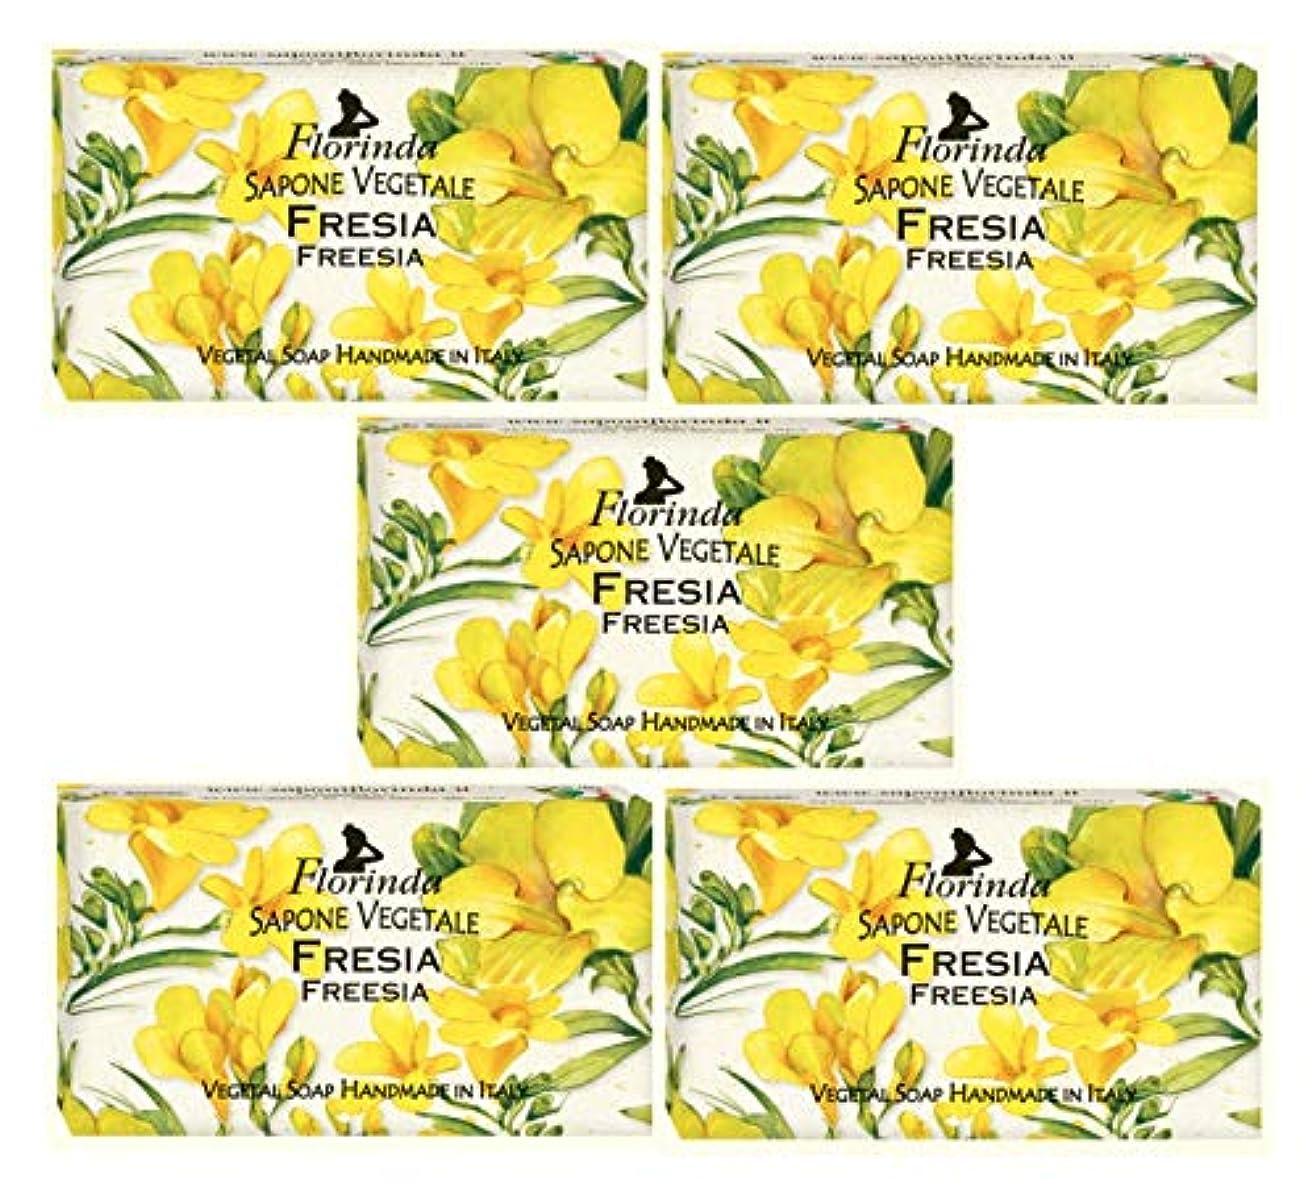 シャーロットブロンテスペイン語豆腐フロリンダ フレグランスソープ 固形石けん 花の香り フリージア 95g×5個セット